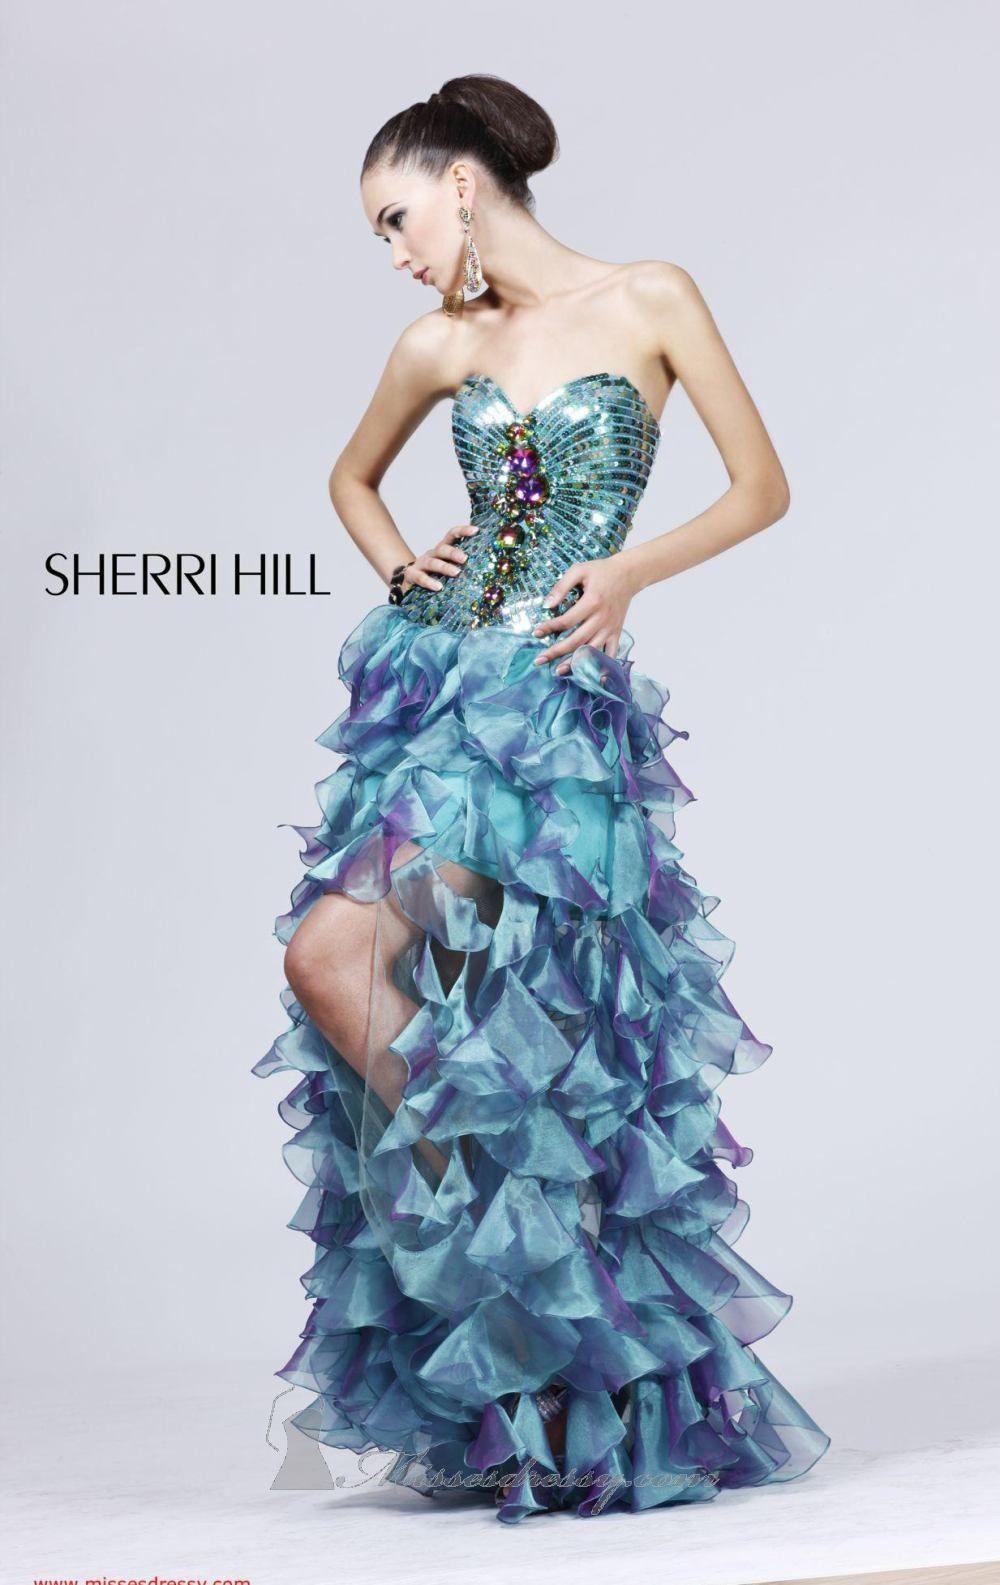 Sherri Hill 2920 Dress - MissesDressy.com